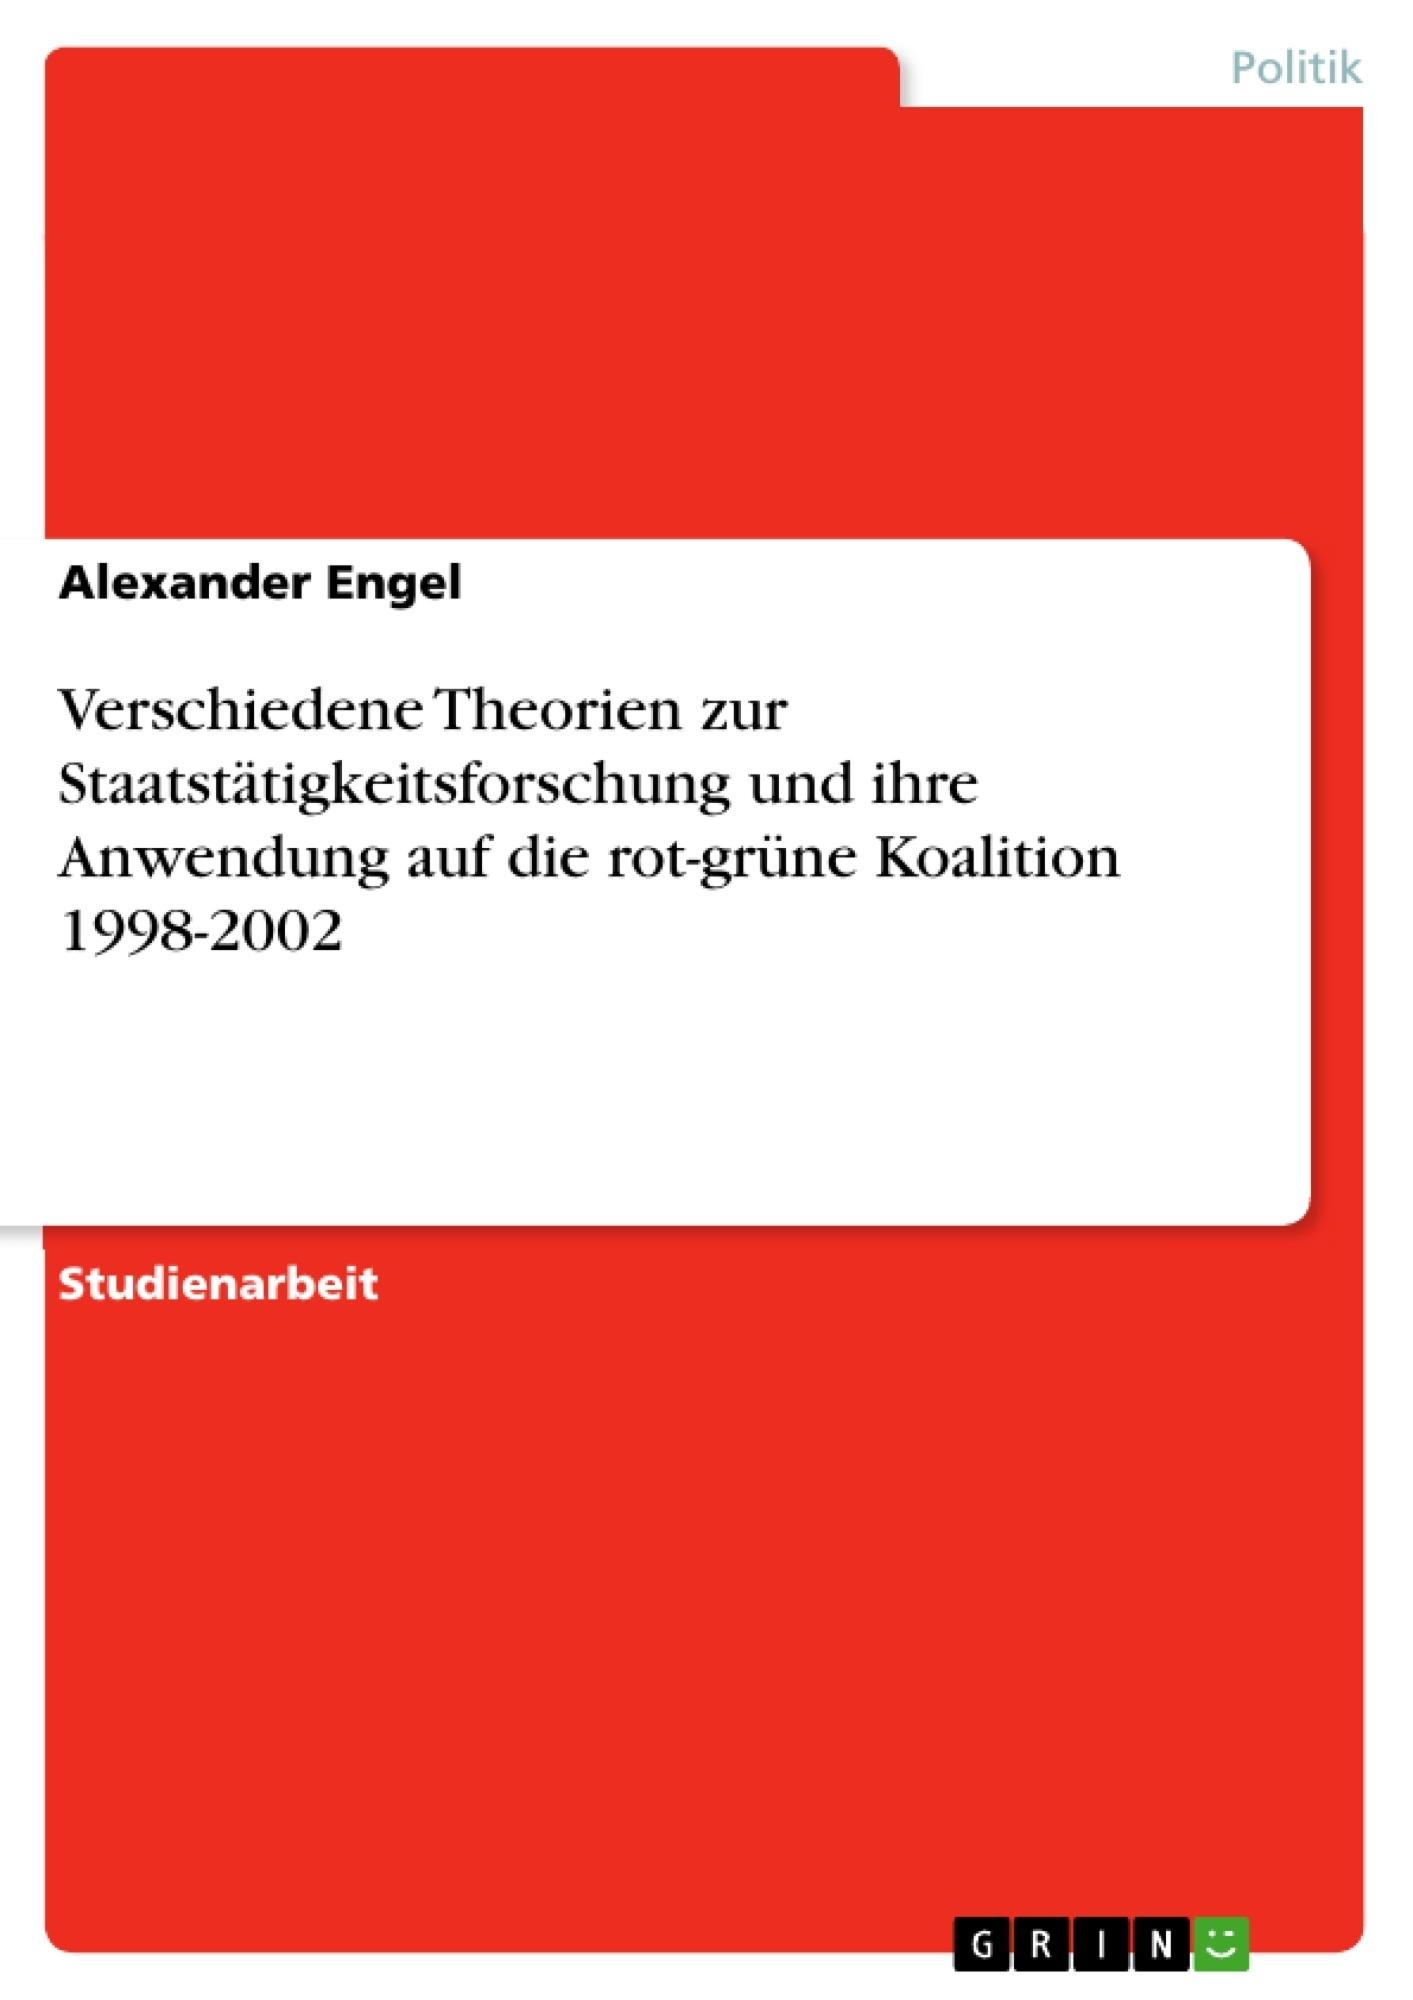 Titel: Verschiedene Theorien zur Staatstätigkeitsforschung und ihre Anwendung auf die rot-grüne Koalition 1998-2002